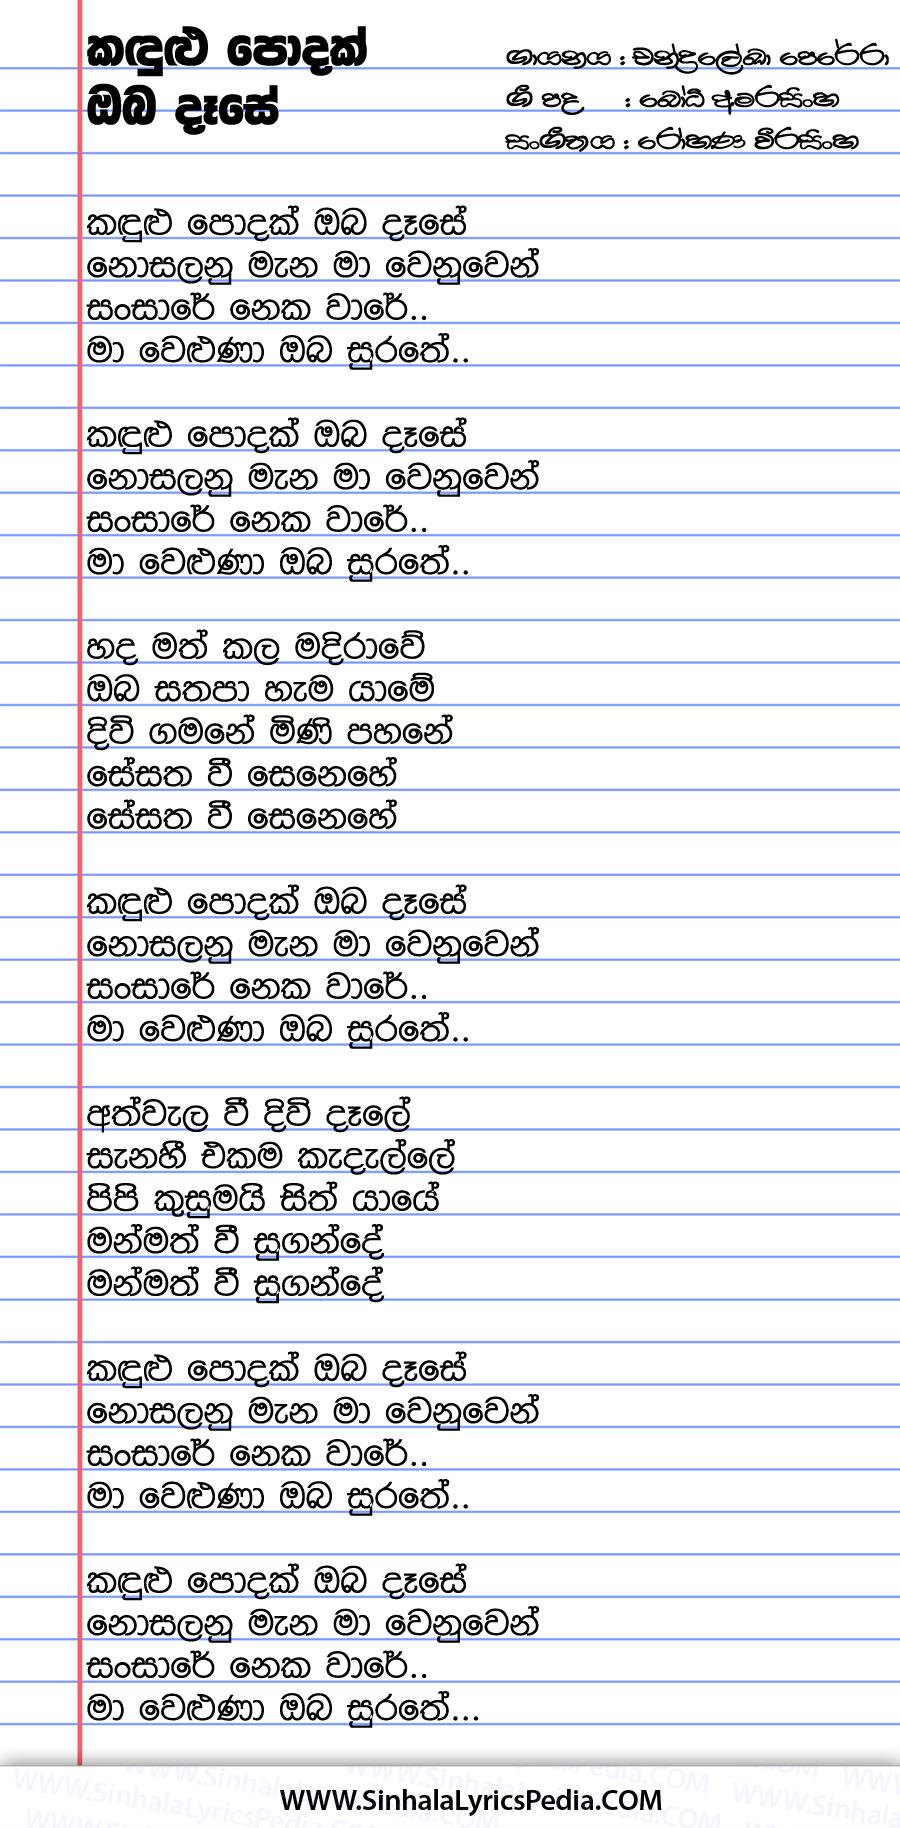 Kandulu Podak Oba Dase Song Lyrics